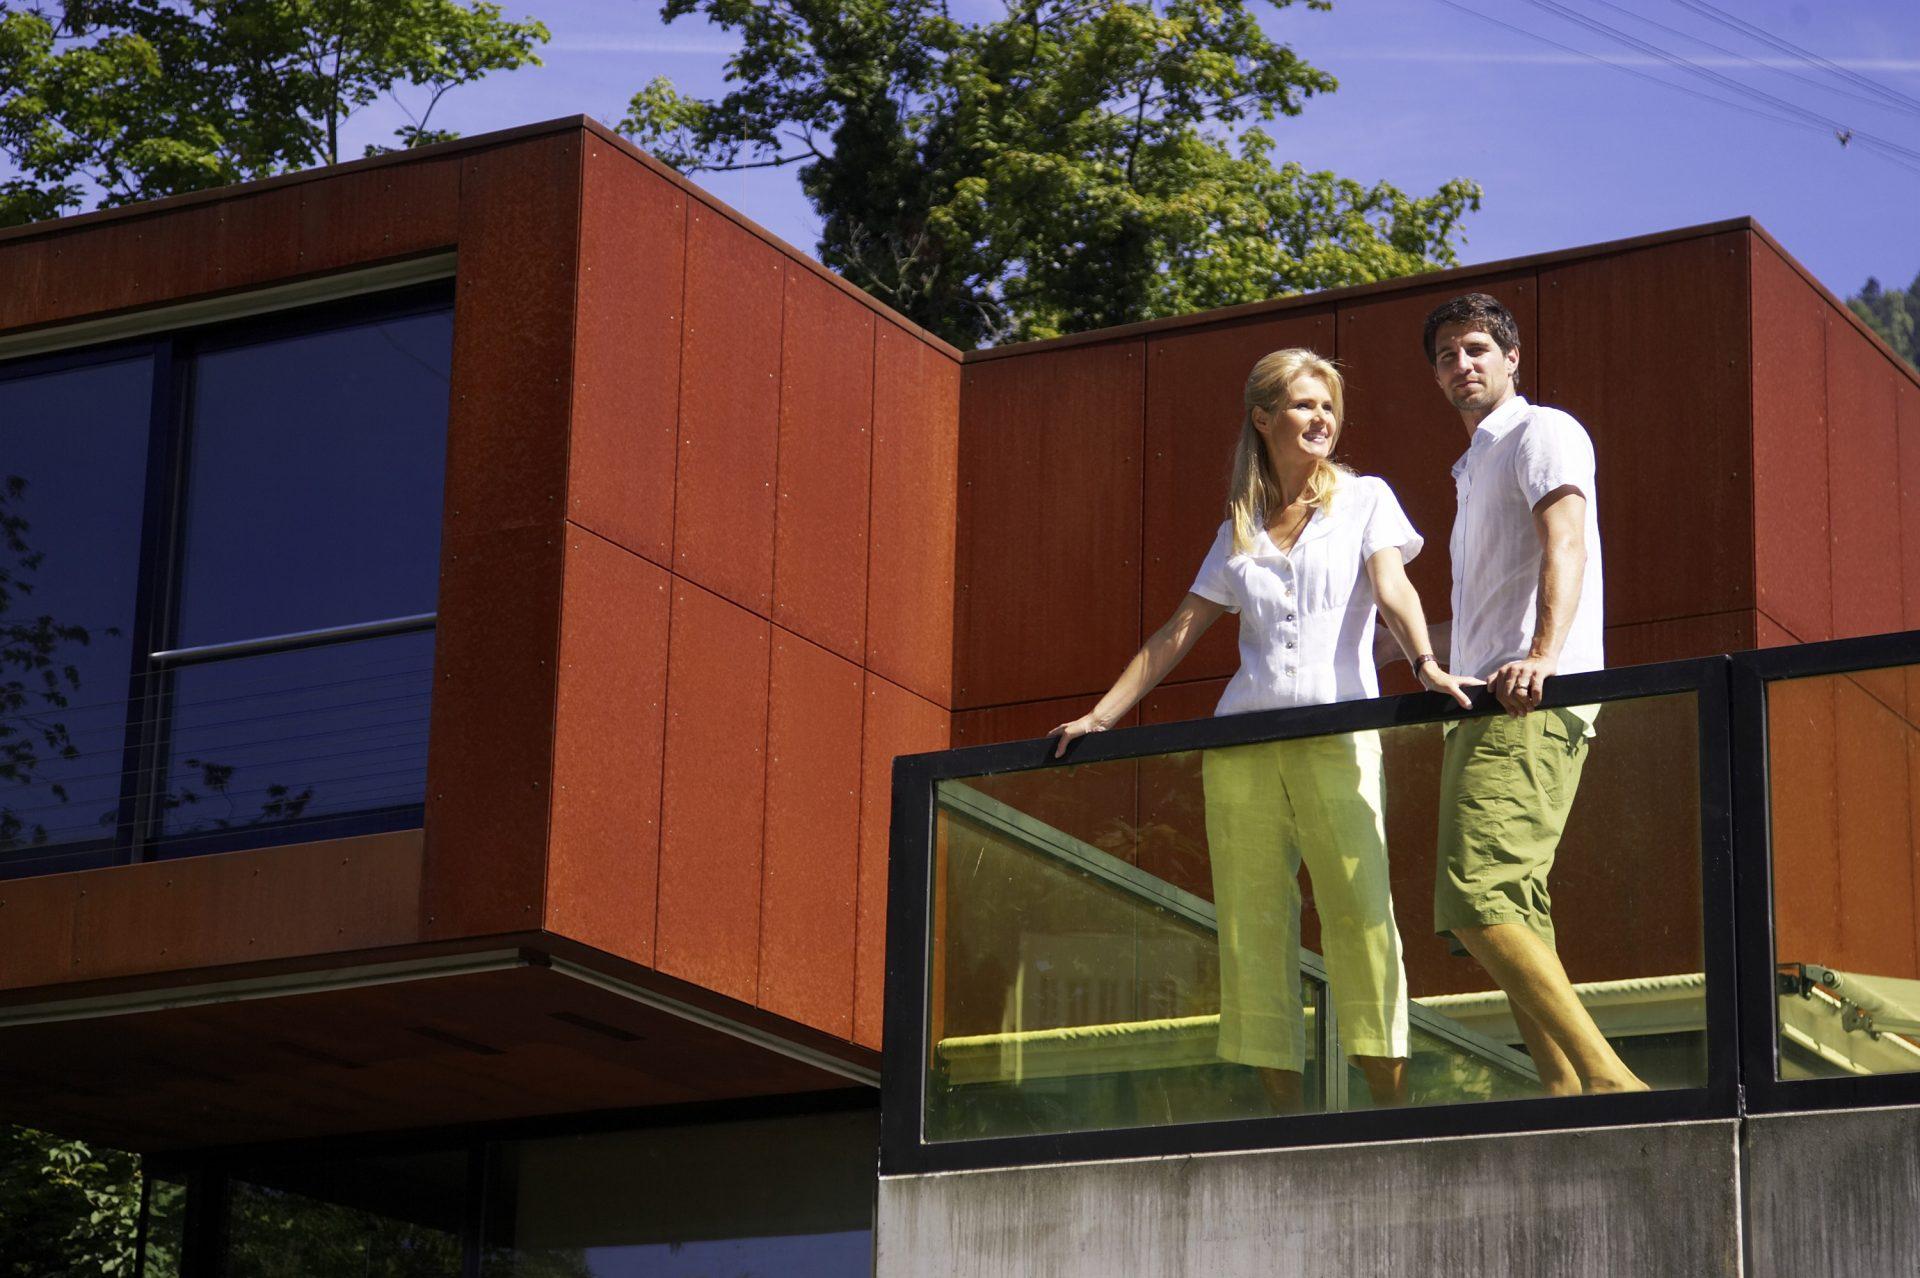 muz-zena-par-manzelia-balkon-dom-moderne-byvanie